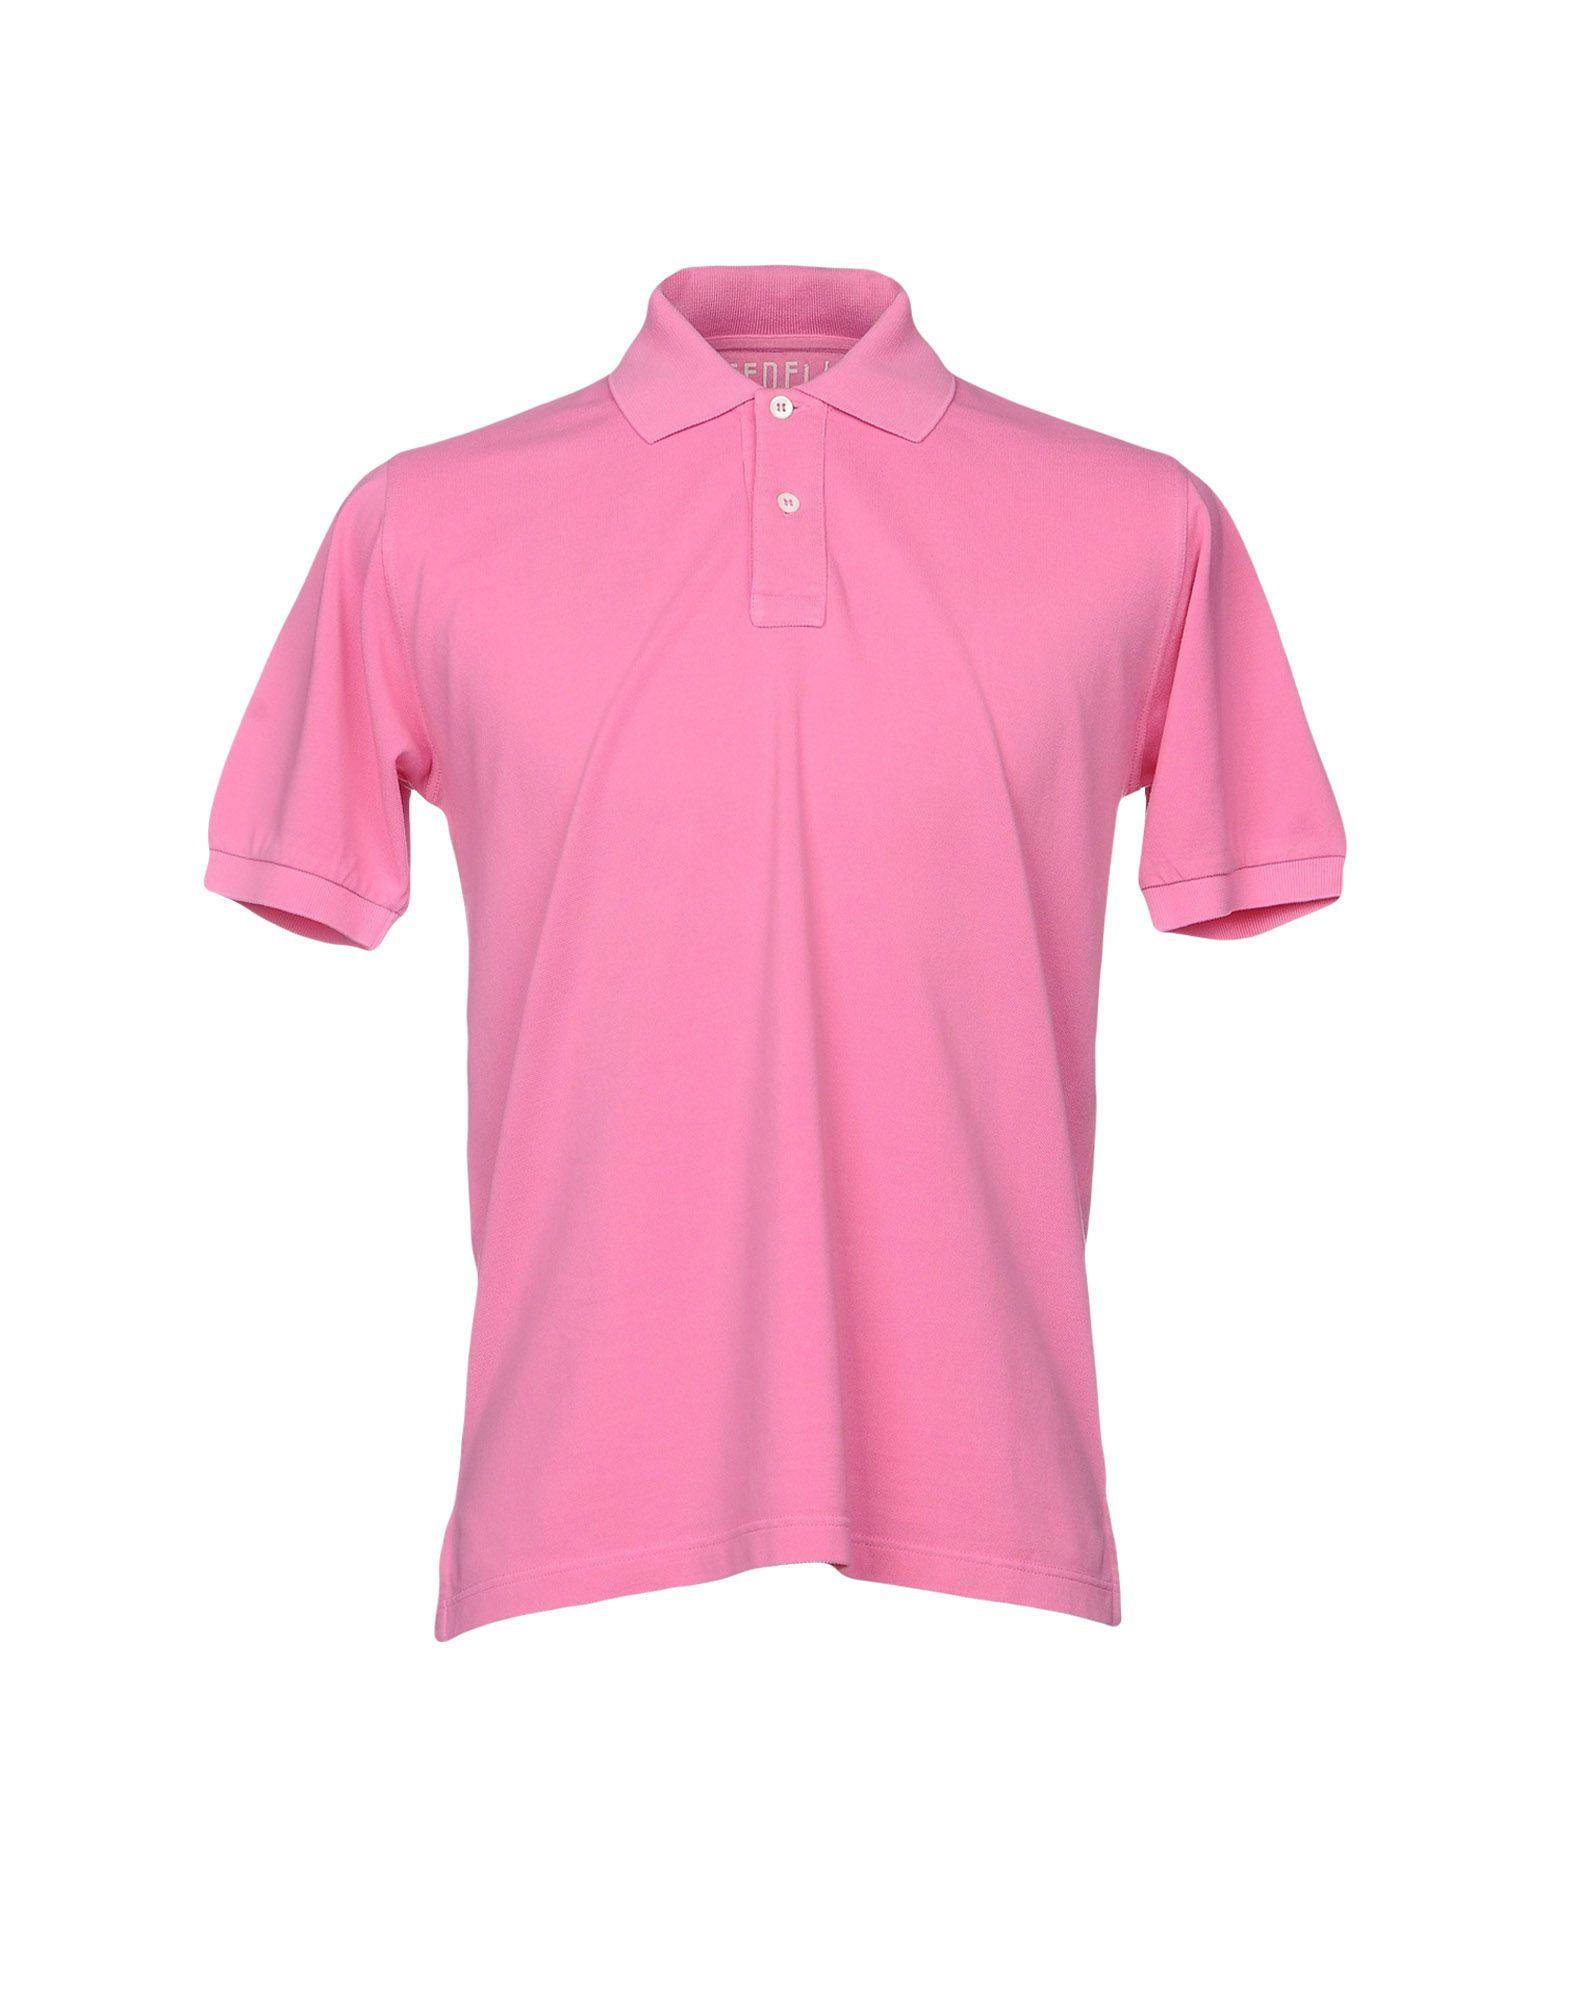 《送料無料》FEDELI メンズ ポロシャツ ピンク 50 コットン 100%